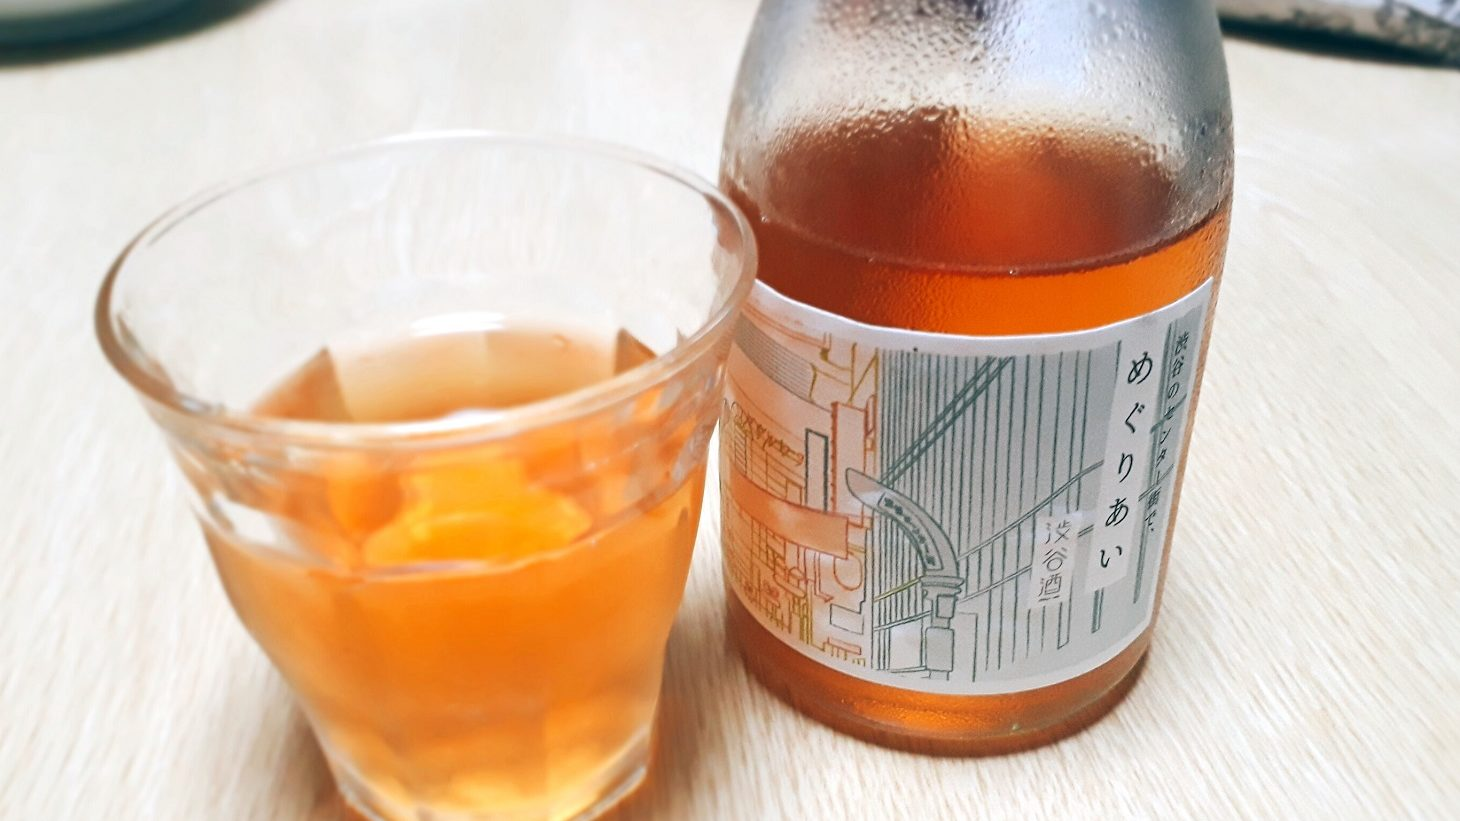 佐世保×渋谷コラボ商品「めぐりあい」